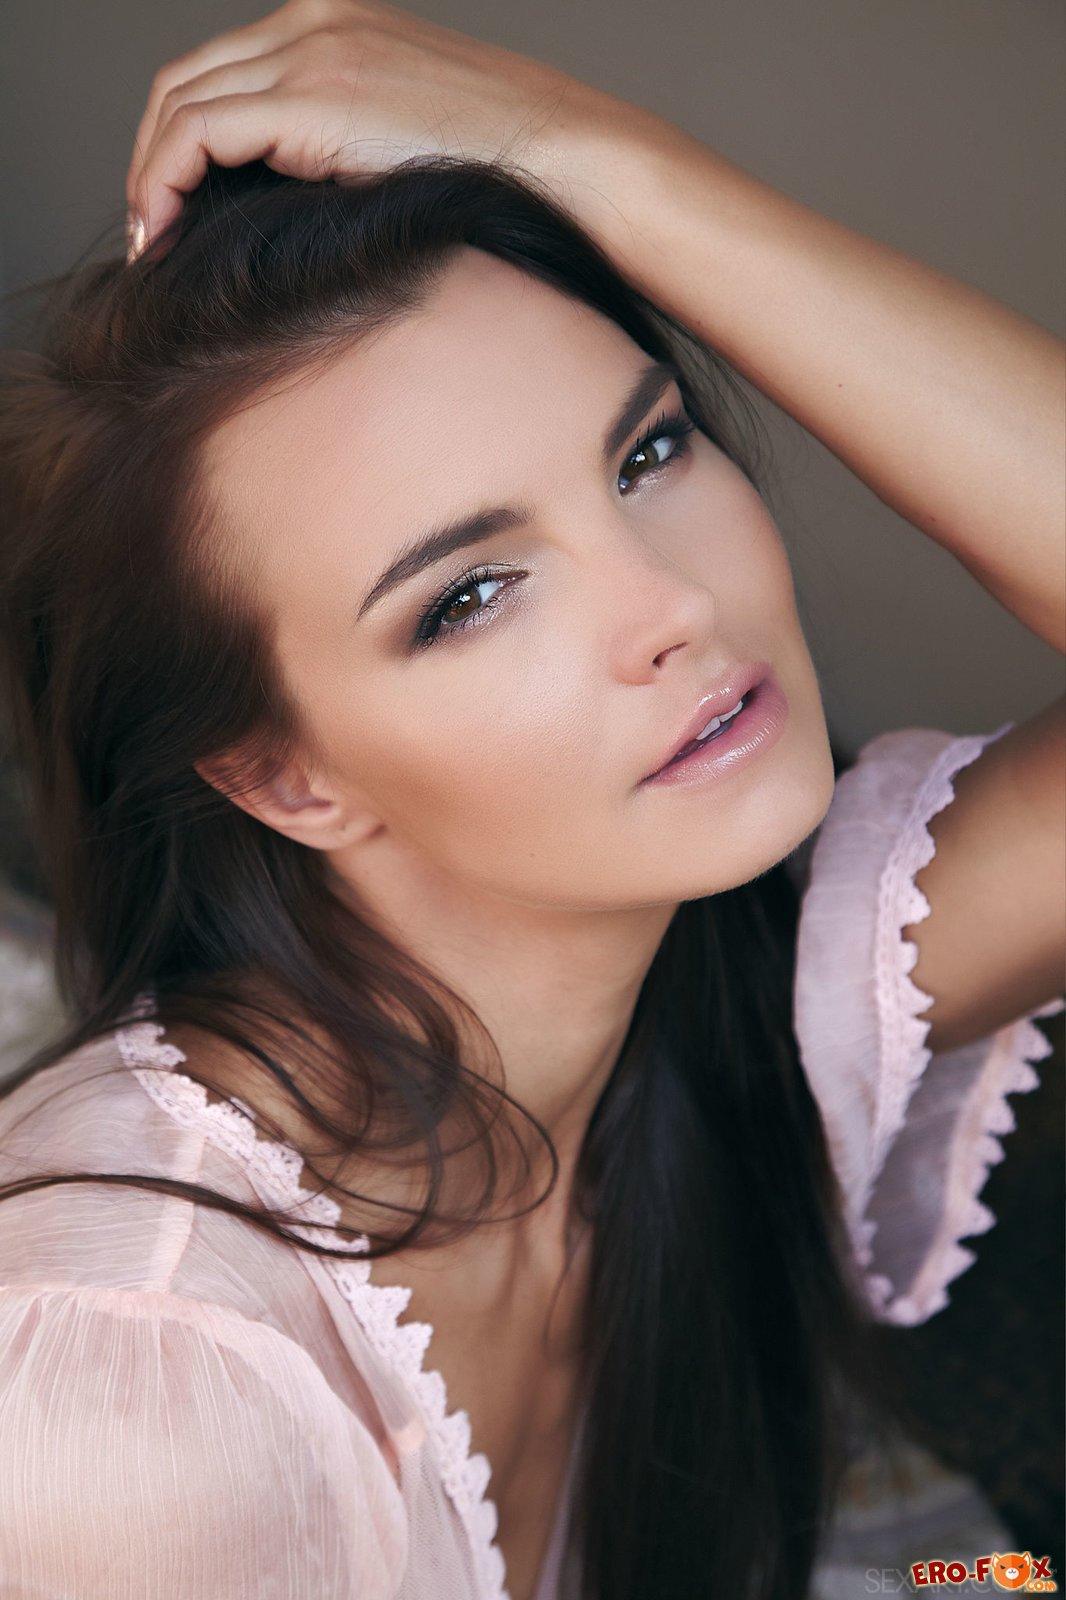 Соблазнительная девшка в ночной рубашке без трусиков .